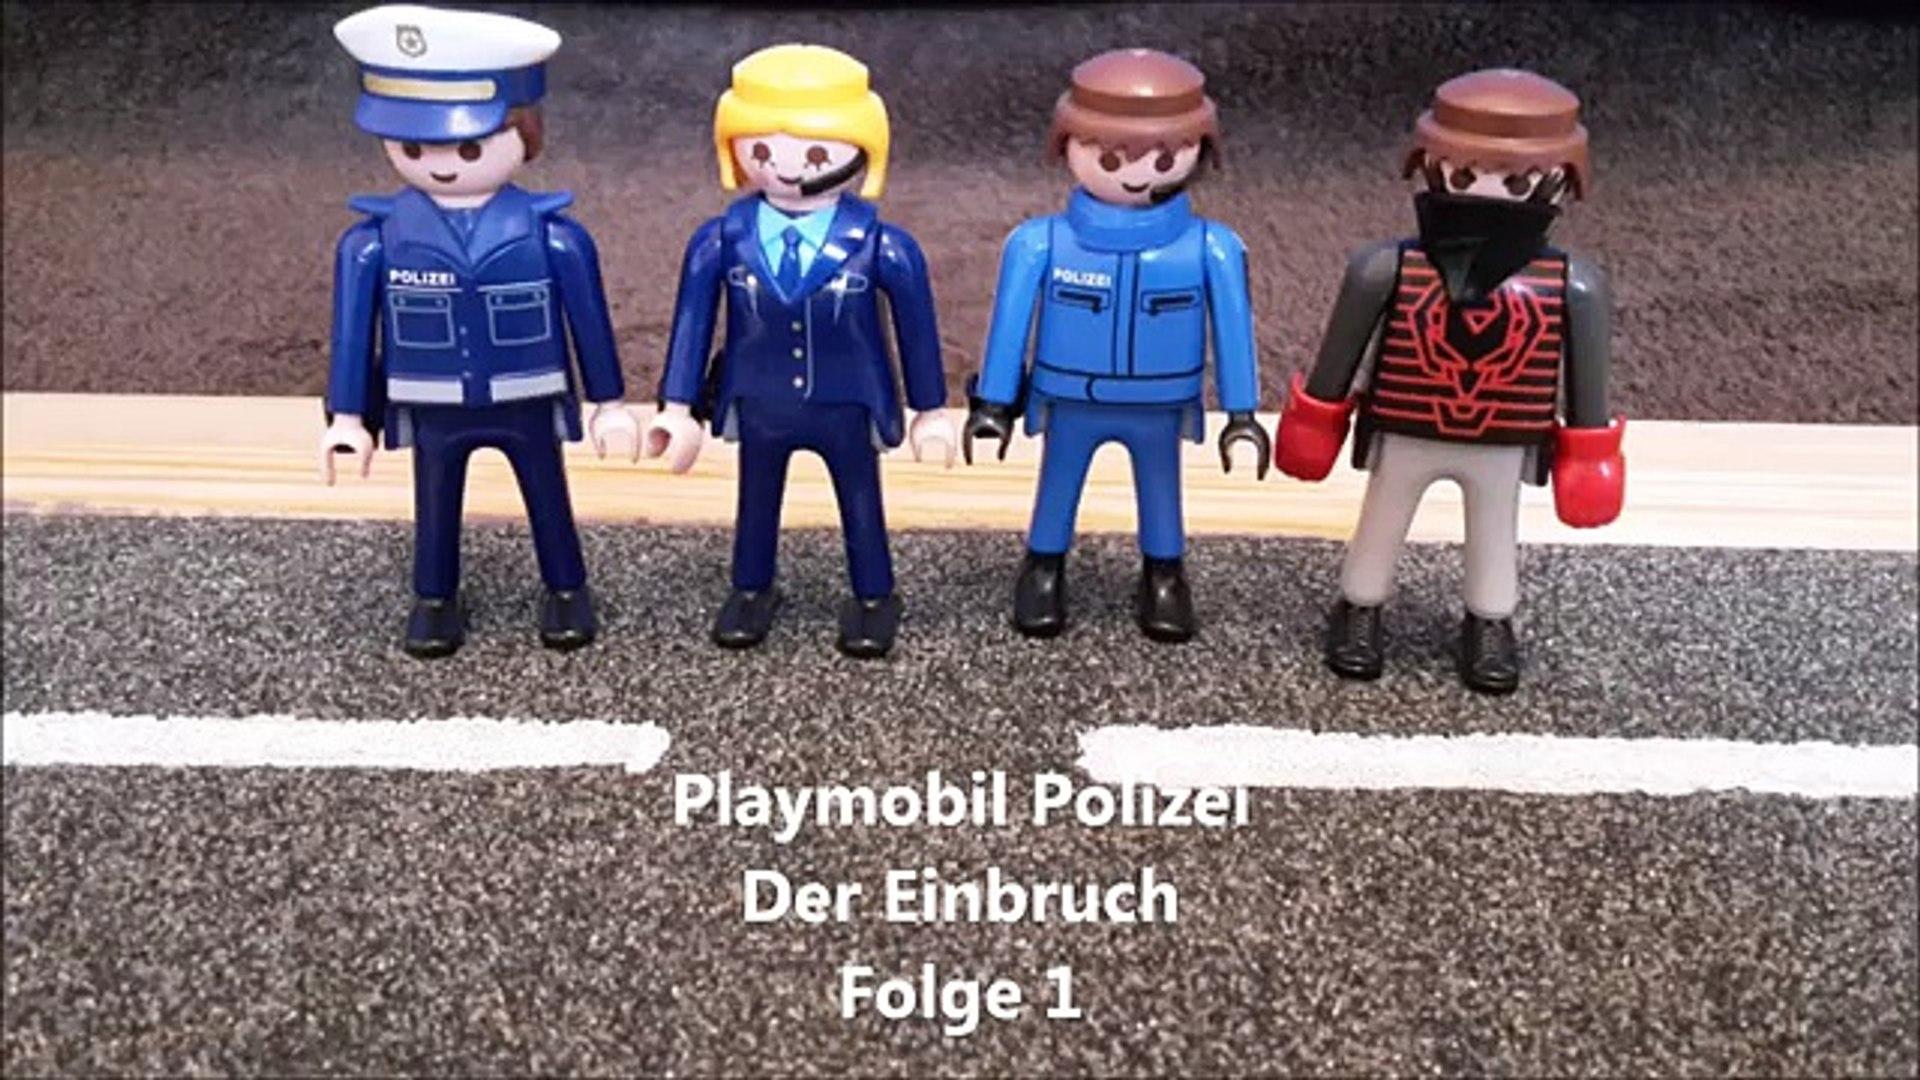 На история я я я и в ины с взломщик кукольной семья красочного рок PLAYMOBIL-полицейский фильм русы